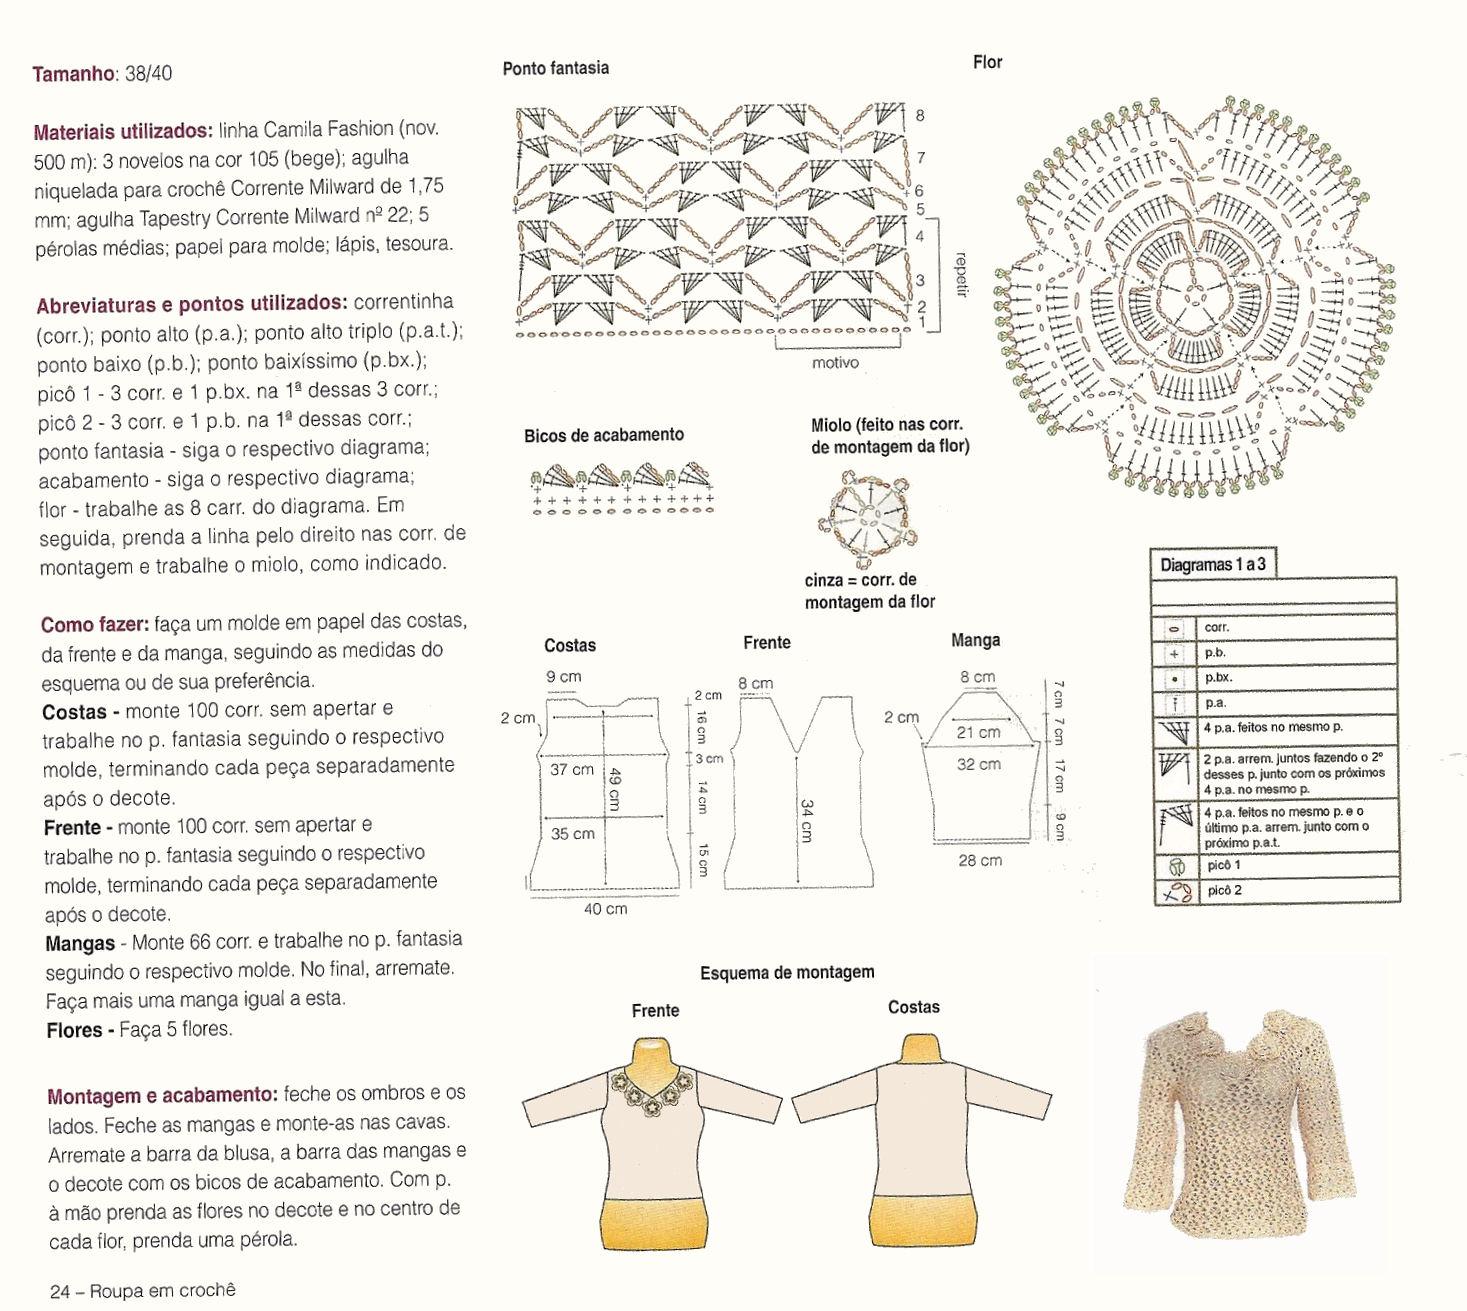 blusa rendada com flores no decote 001 Blusas Rendadas em Crochê da Moda   Confira Lindos Modelos e Gráficos